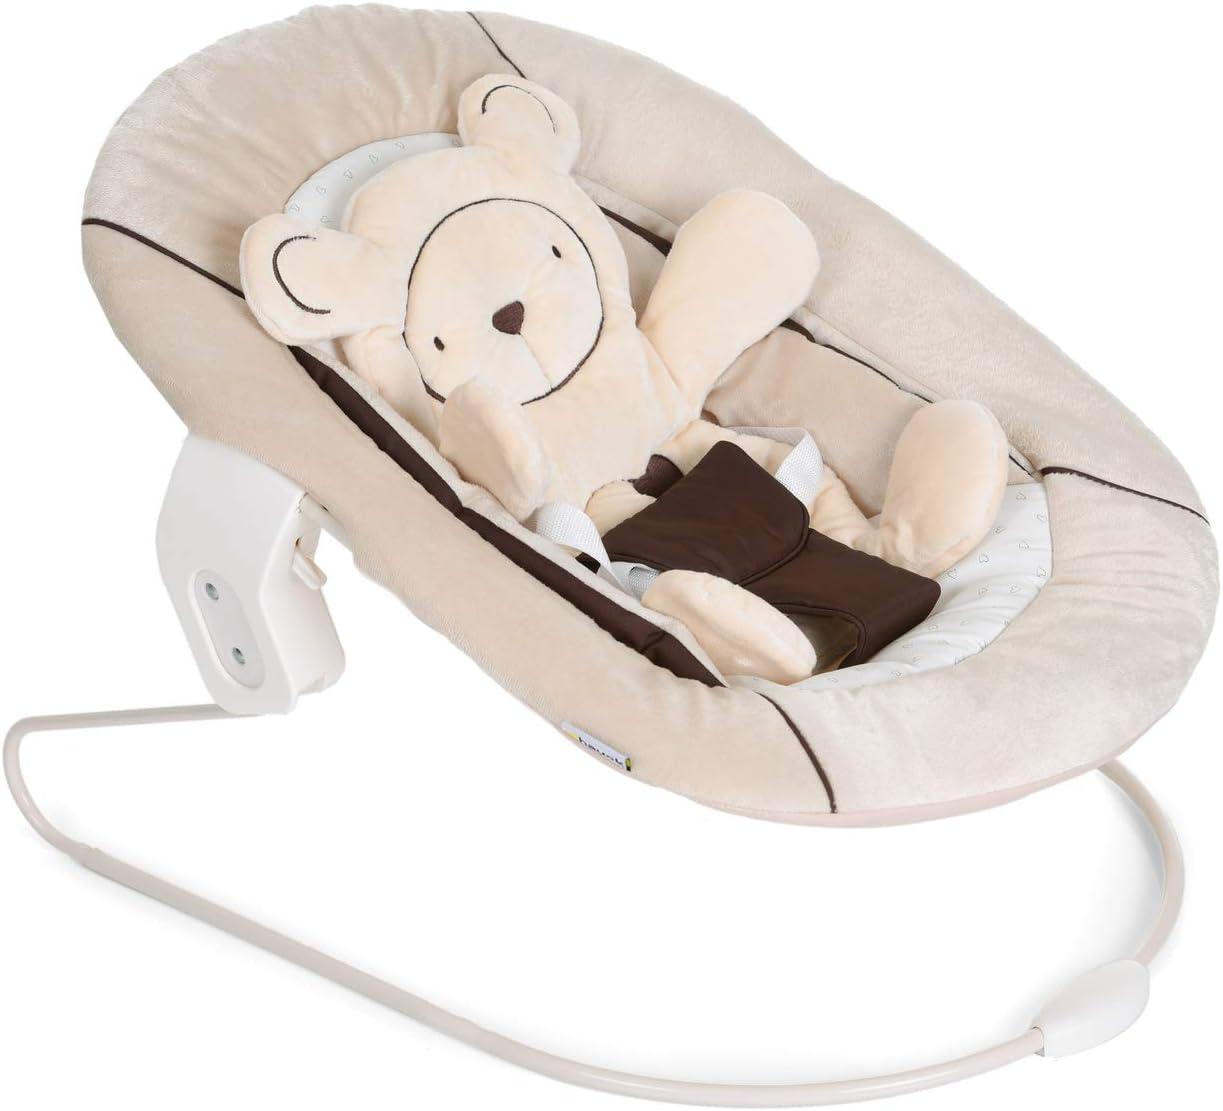 Hauck Alpha Bouncer 2in1 para recién nacido, hamaca de tejido suave, combinable con trona de madera evolutiva Alpha+ y Beta+ de HAUCK, incluido reductor, mecedora para bebes, Beige: Amazon.es: Bebé